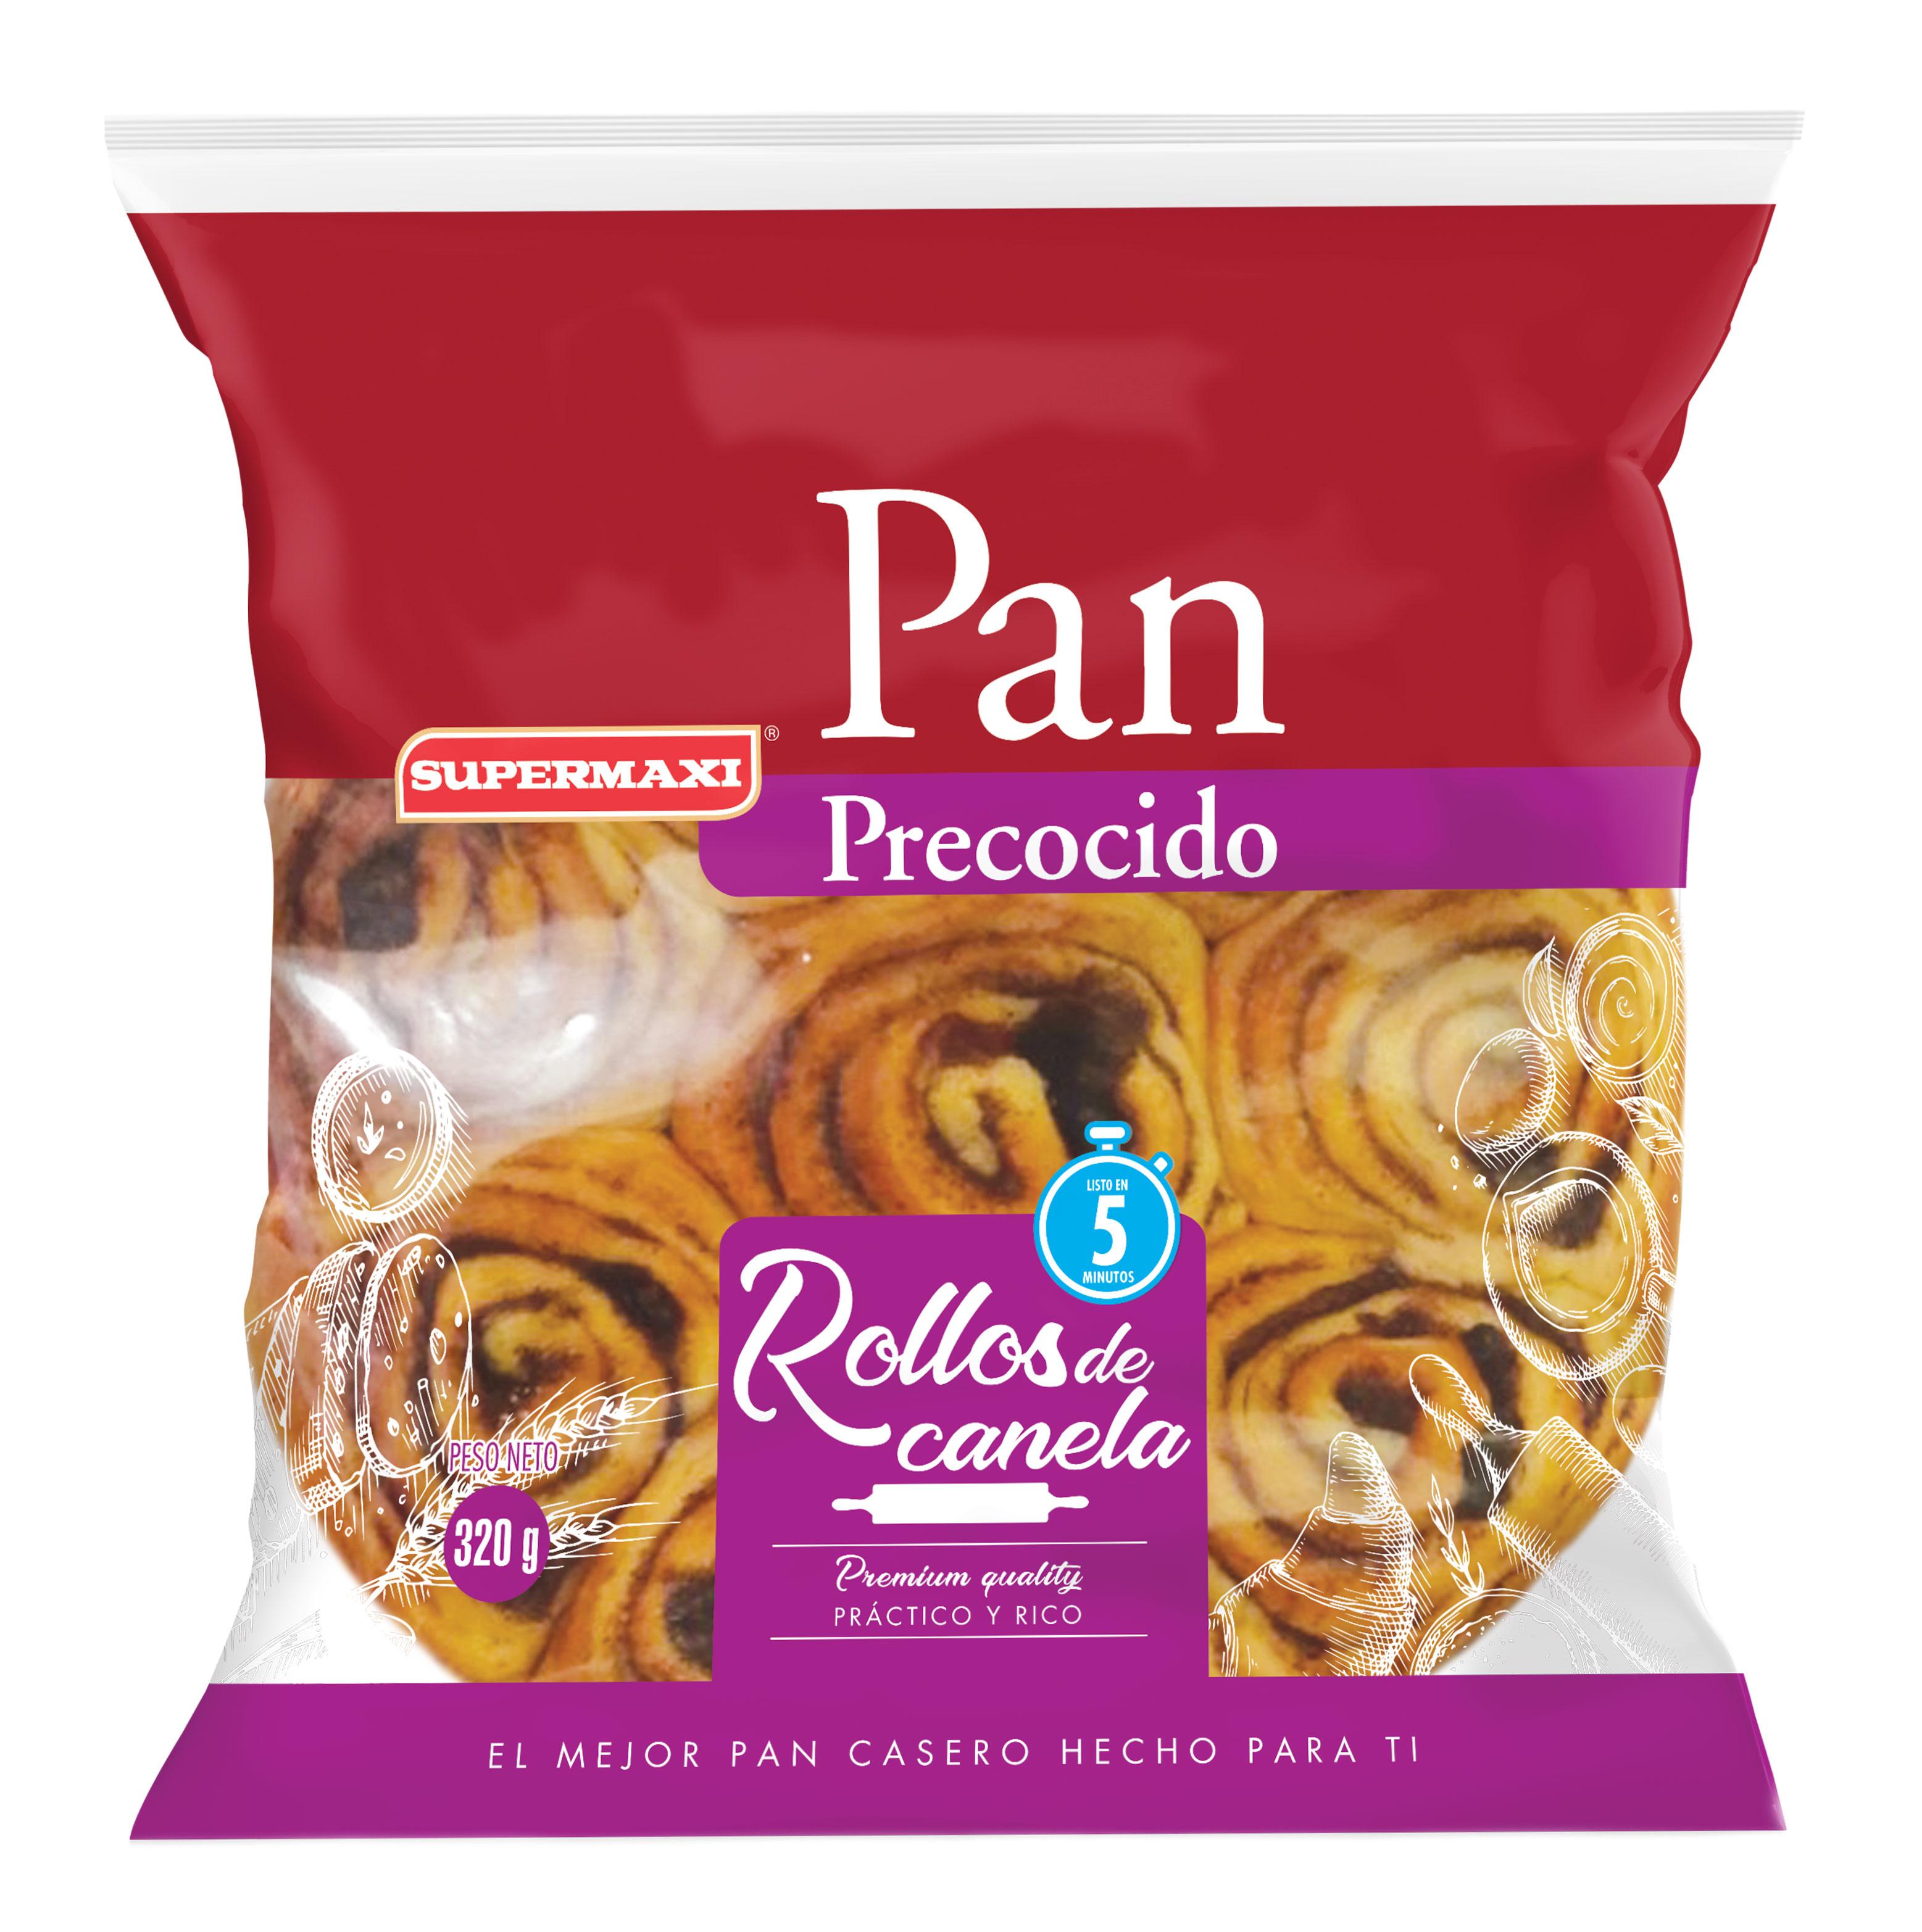 PAN PRECOCIDO ROLLOS DE CANELA